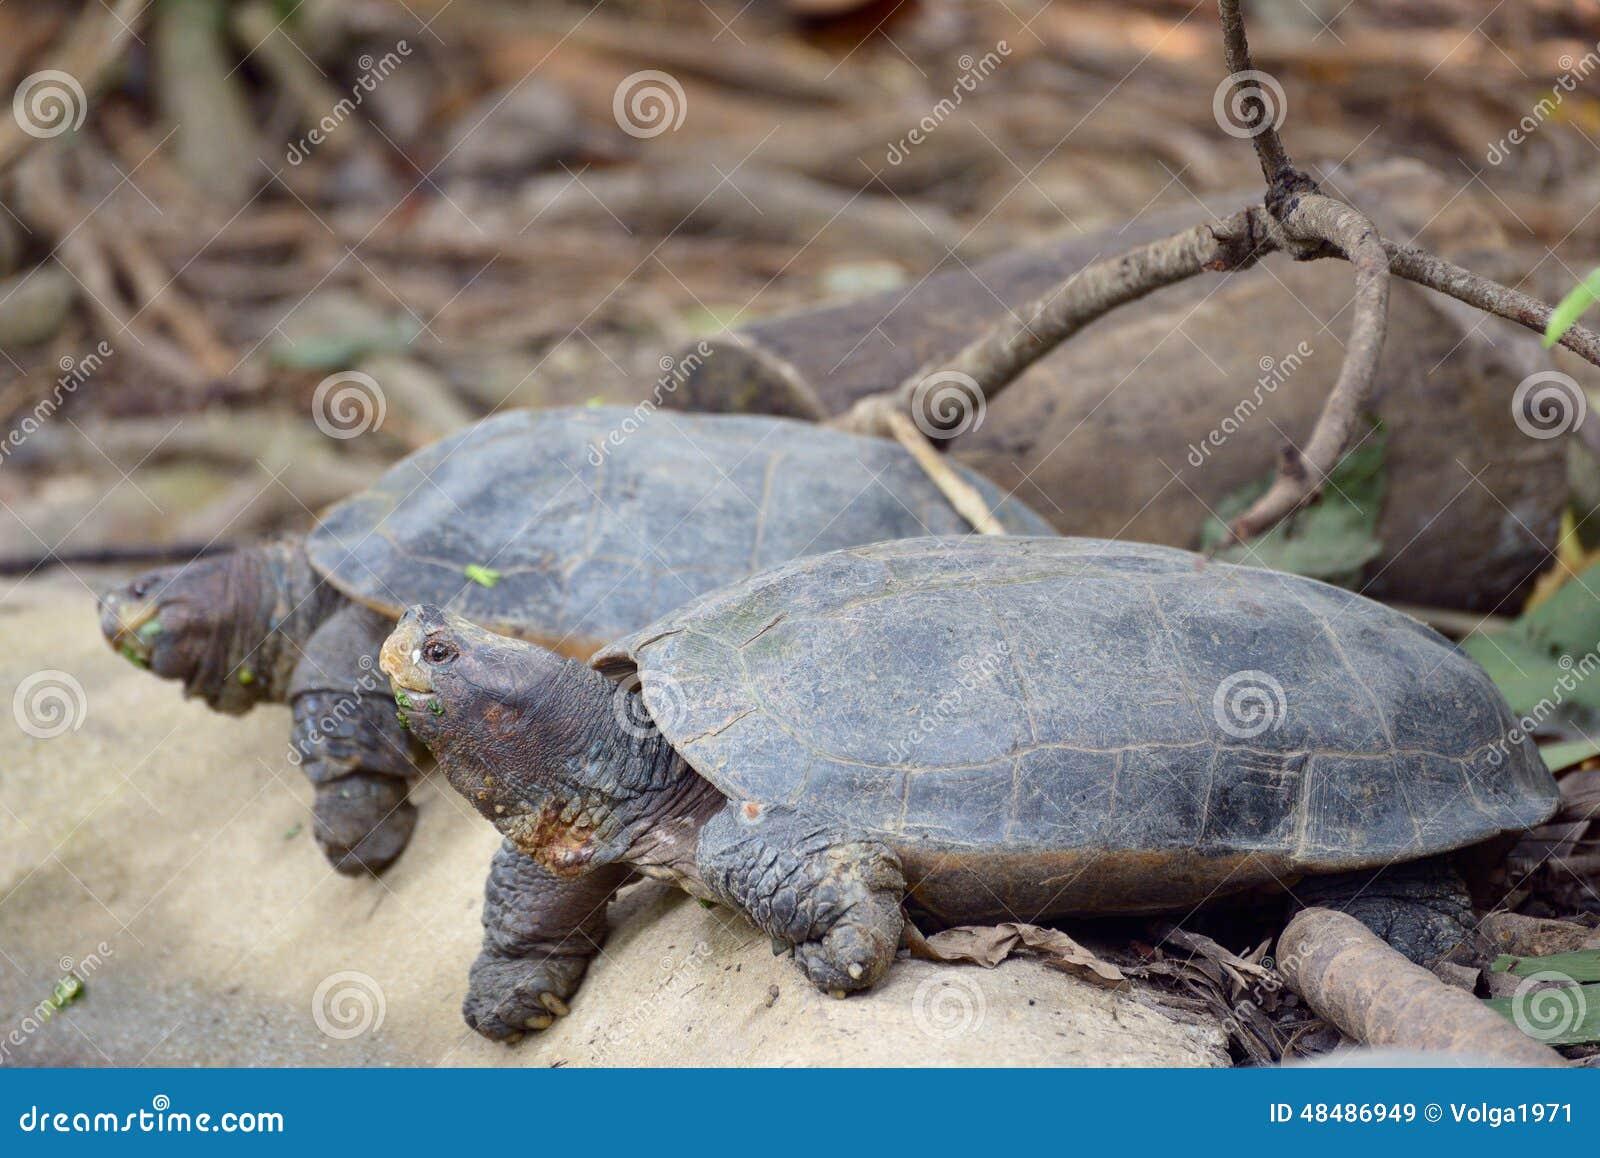 Tartarughe asiatiche giganti dello stagno immagine stock for Stagno tartarughe